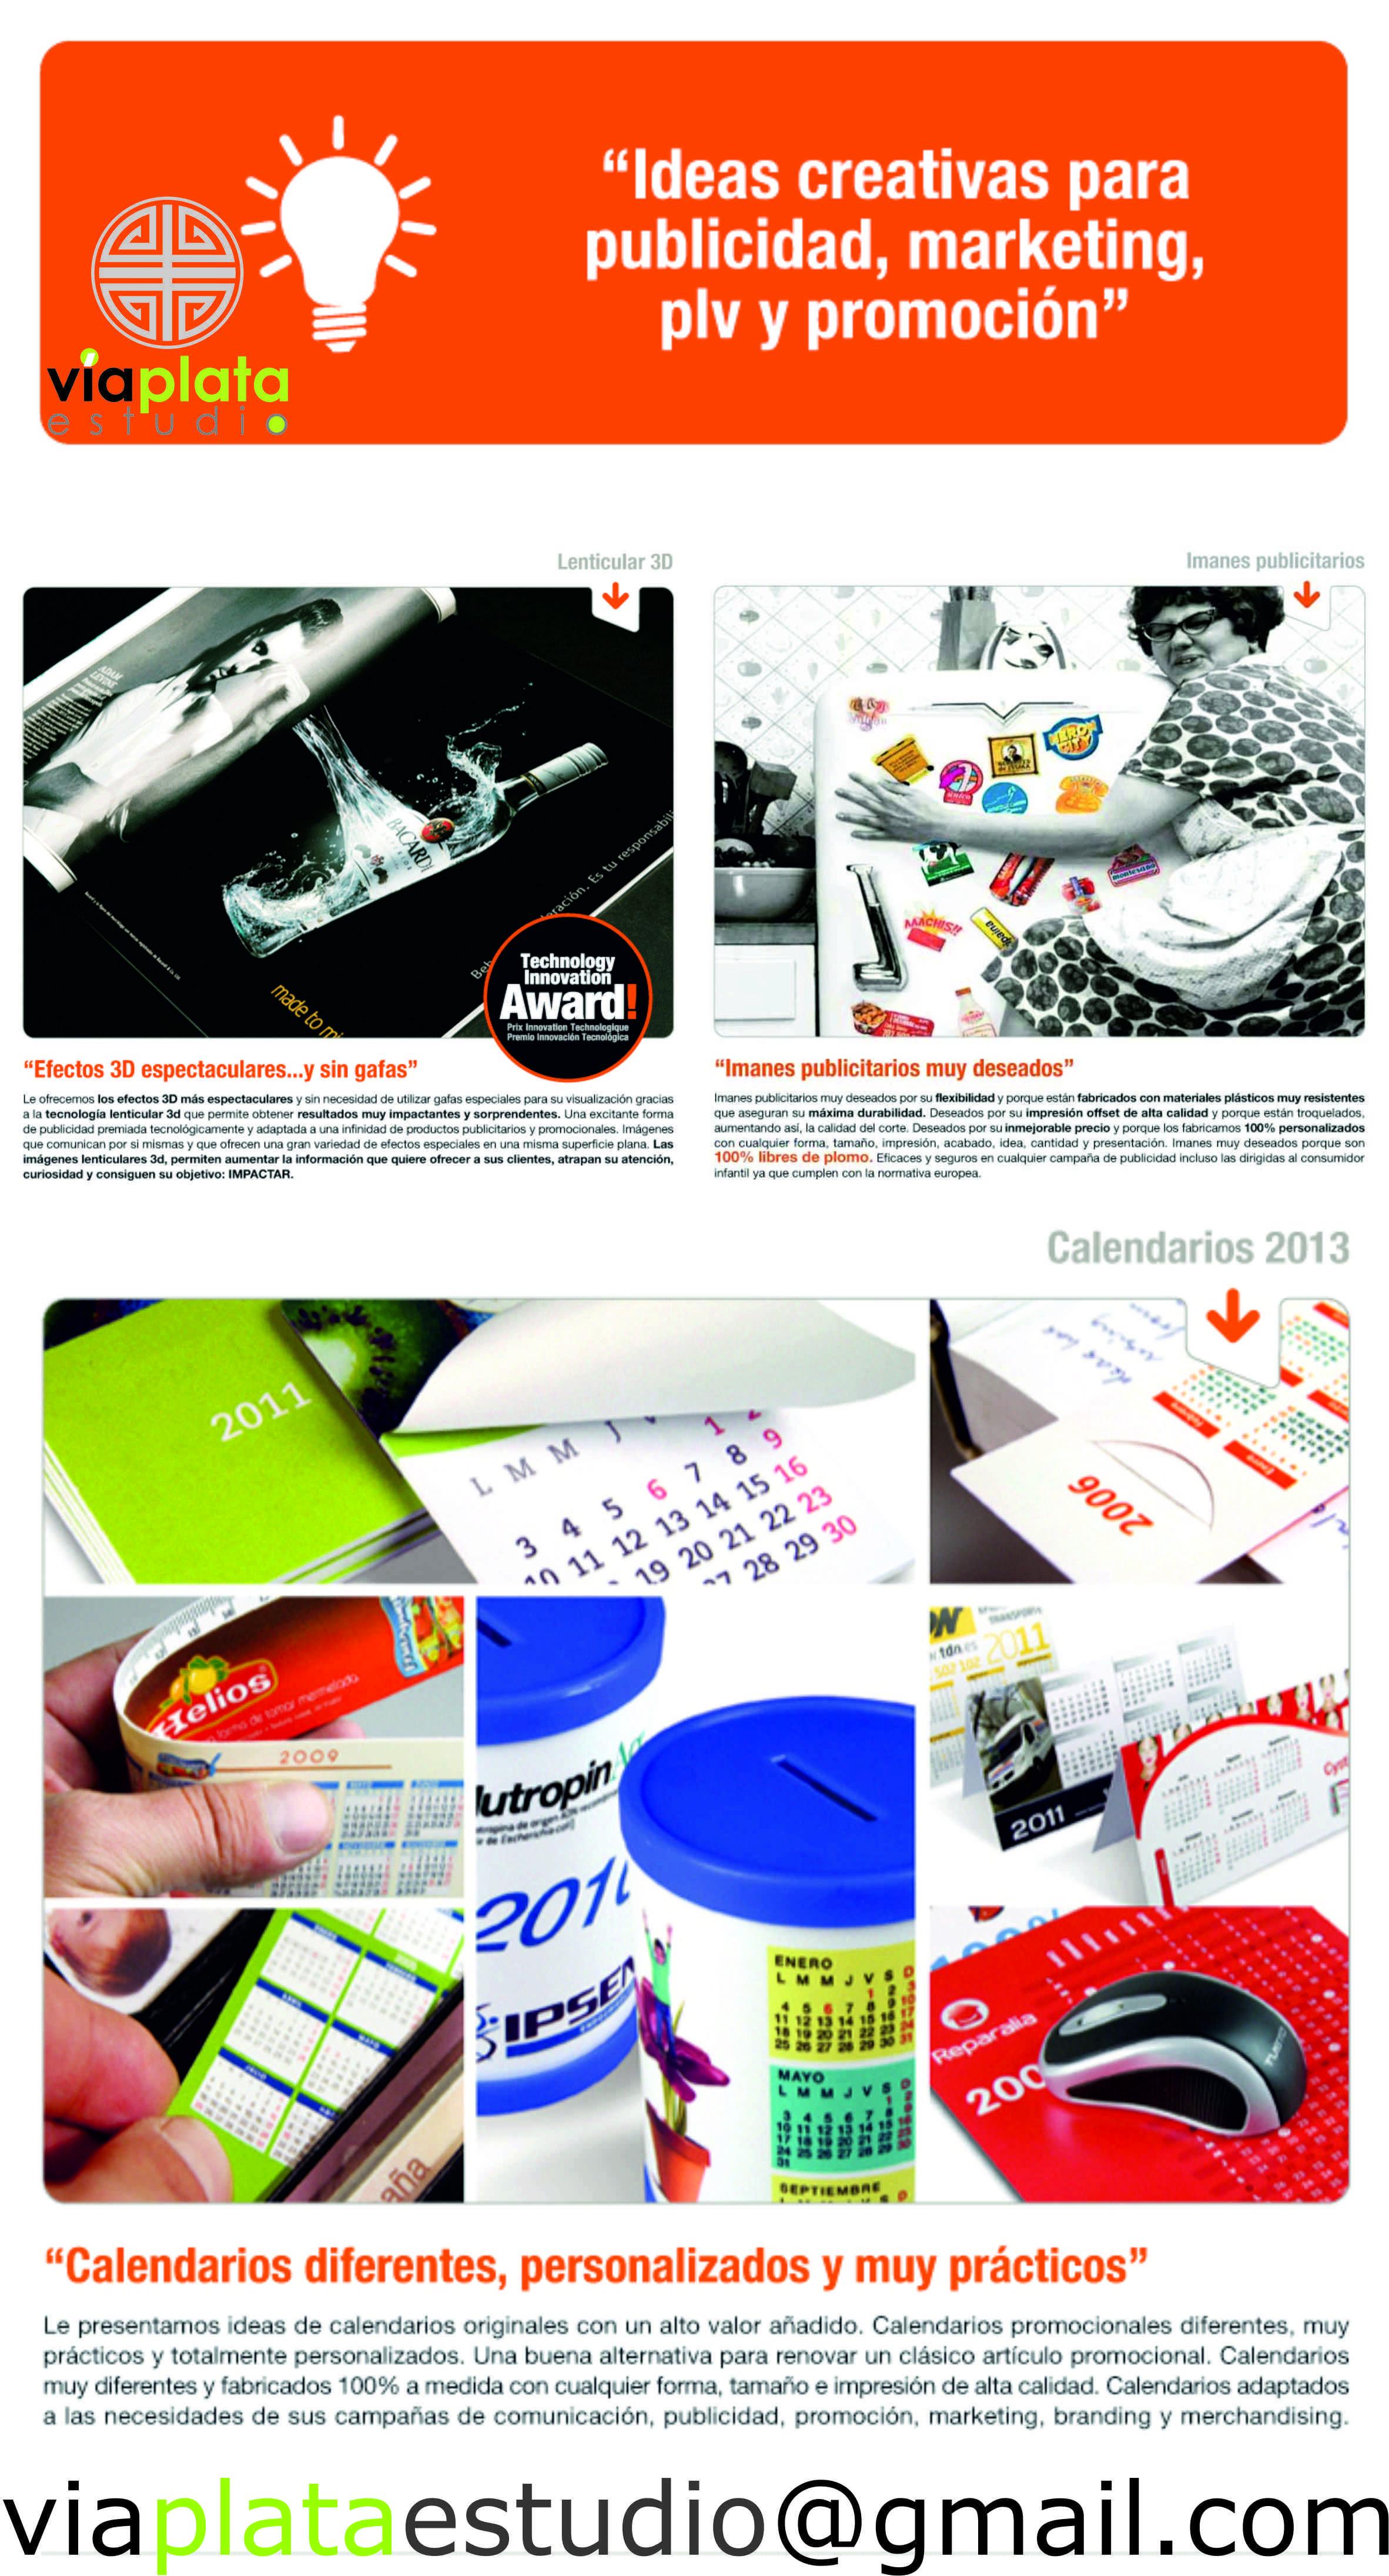 Ideas Creativas para publicidad marketing